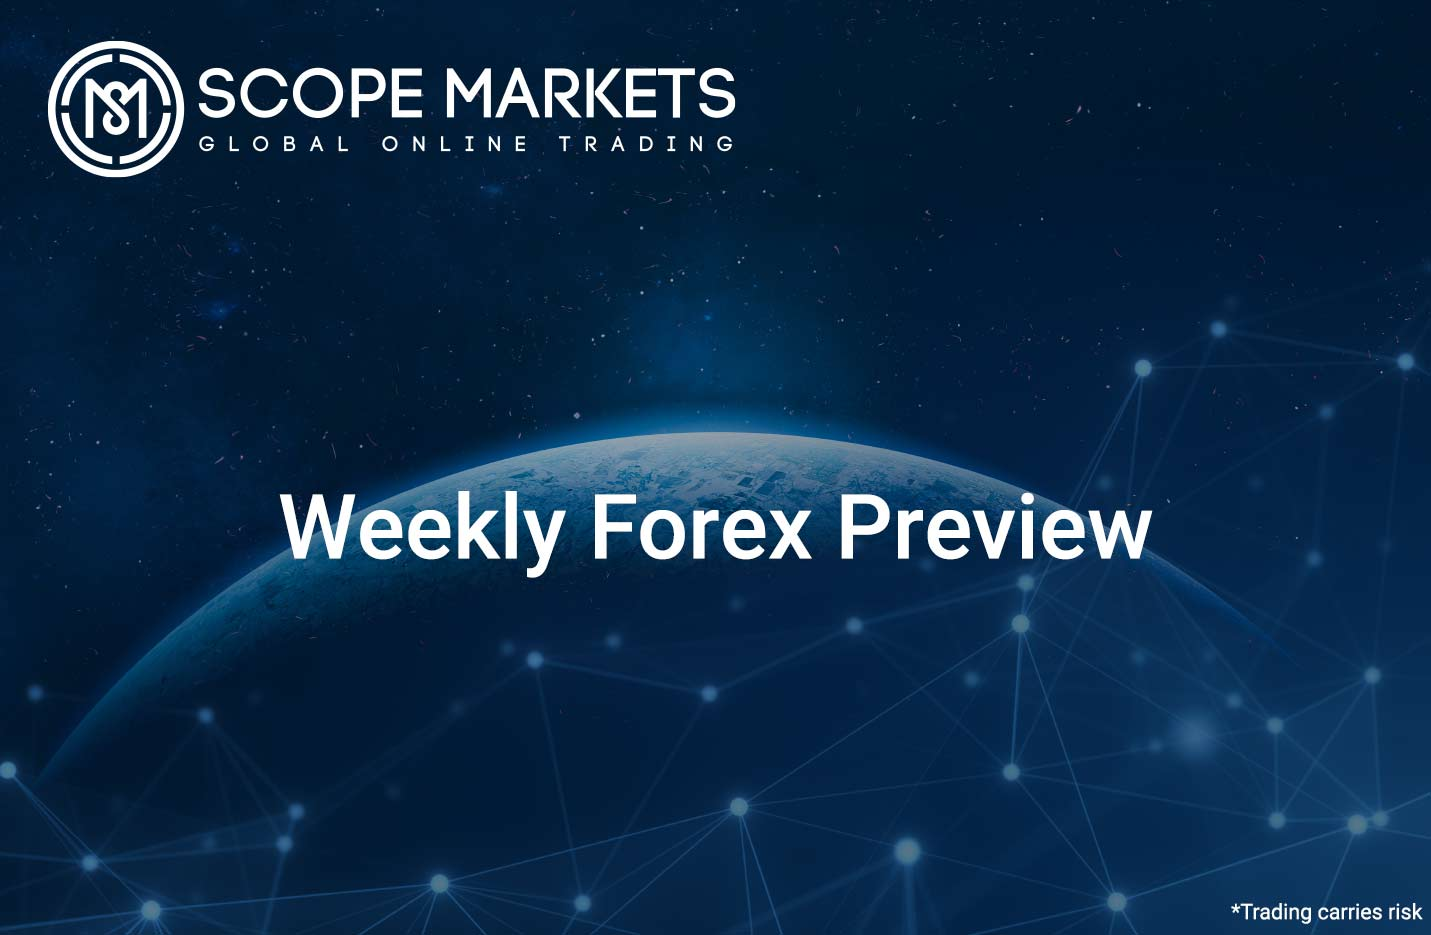 Scope Markets